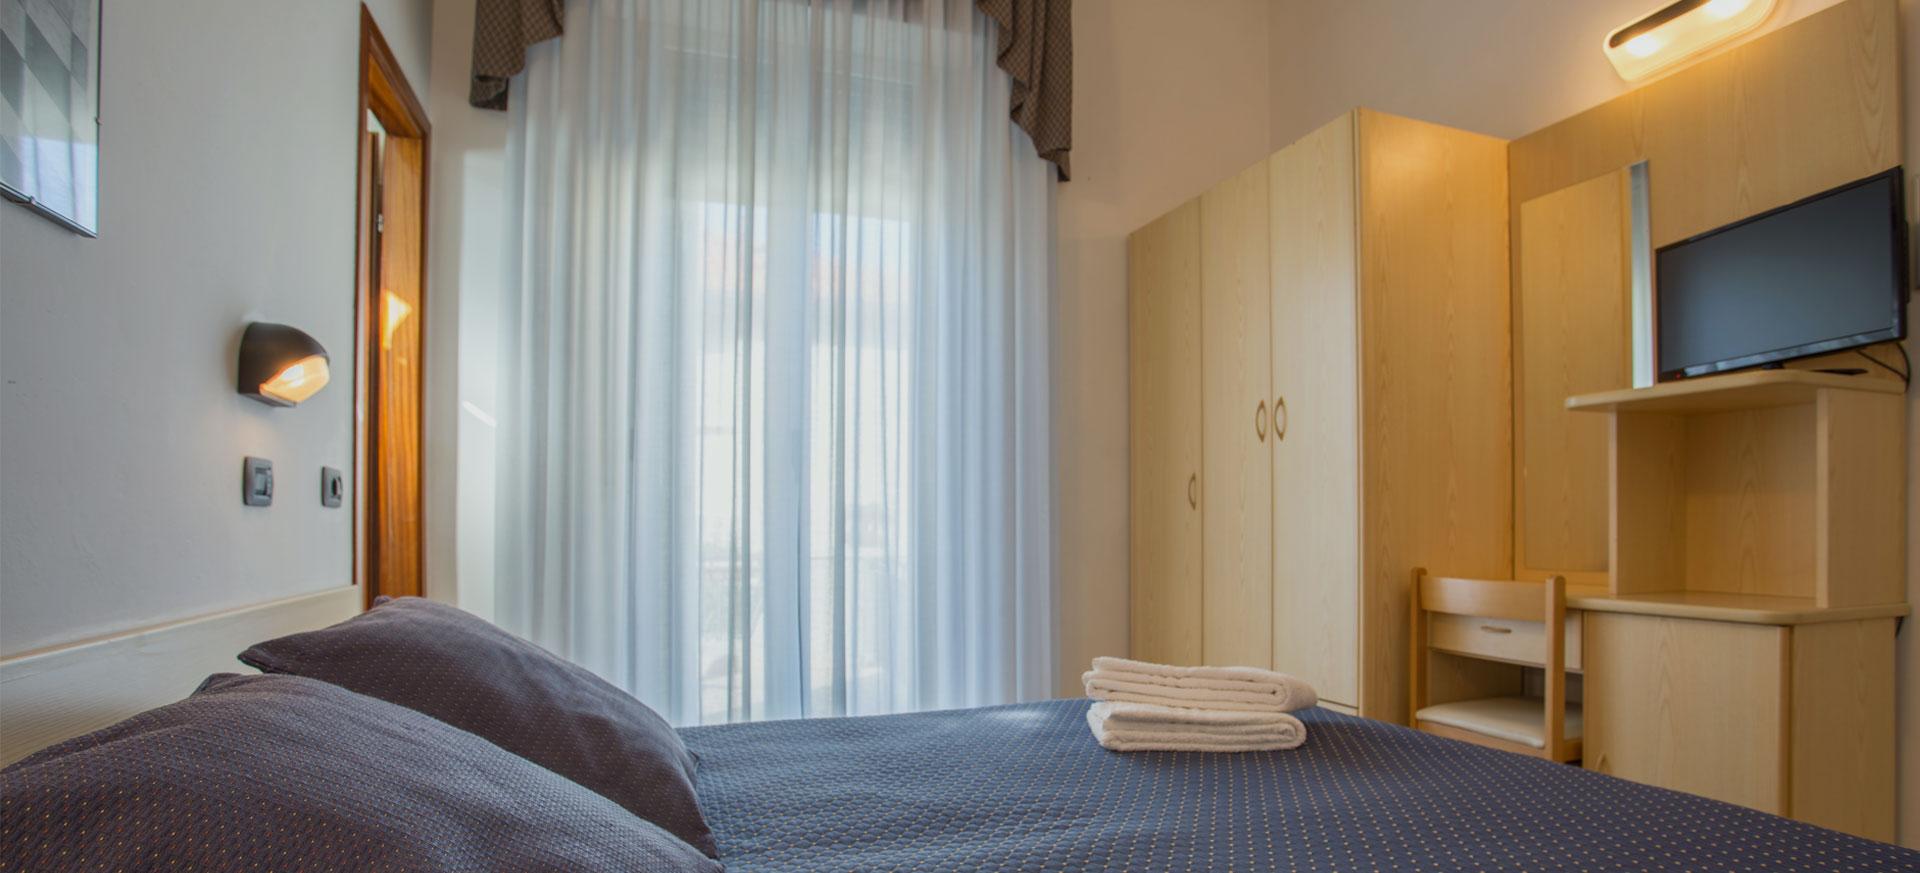 Villa dei Gerani | Hotel a due passi dal mare Rimini